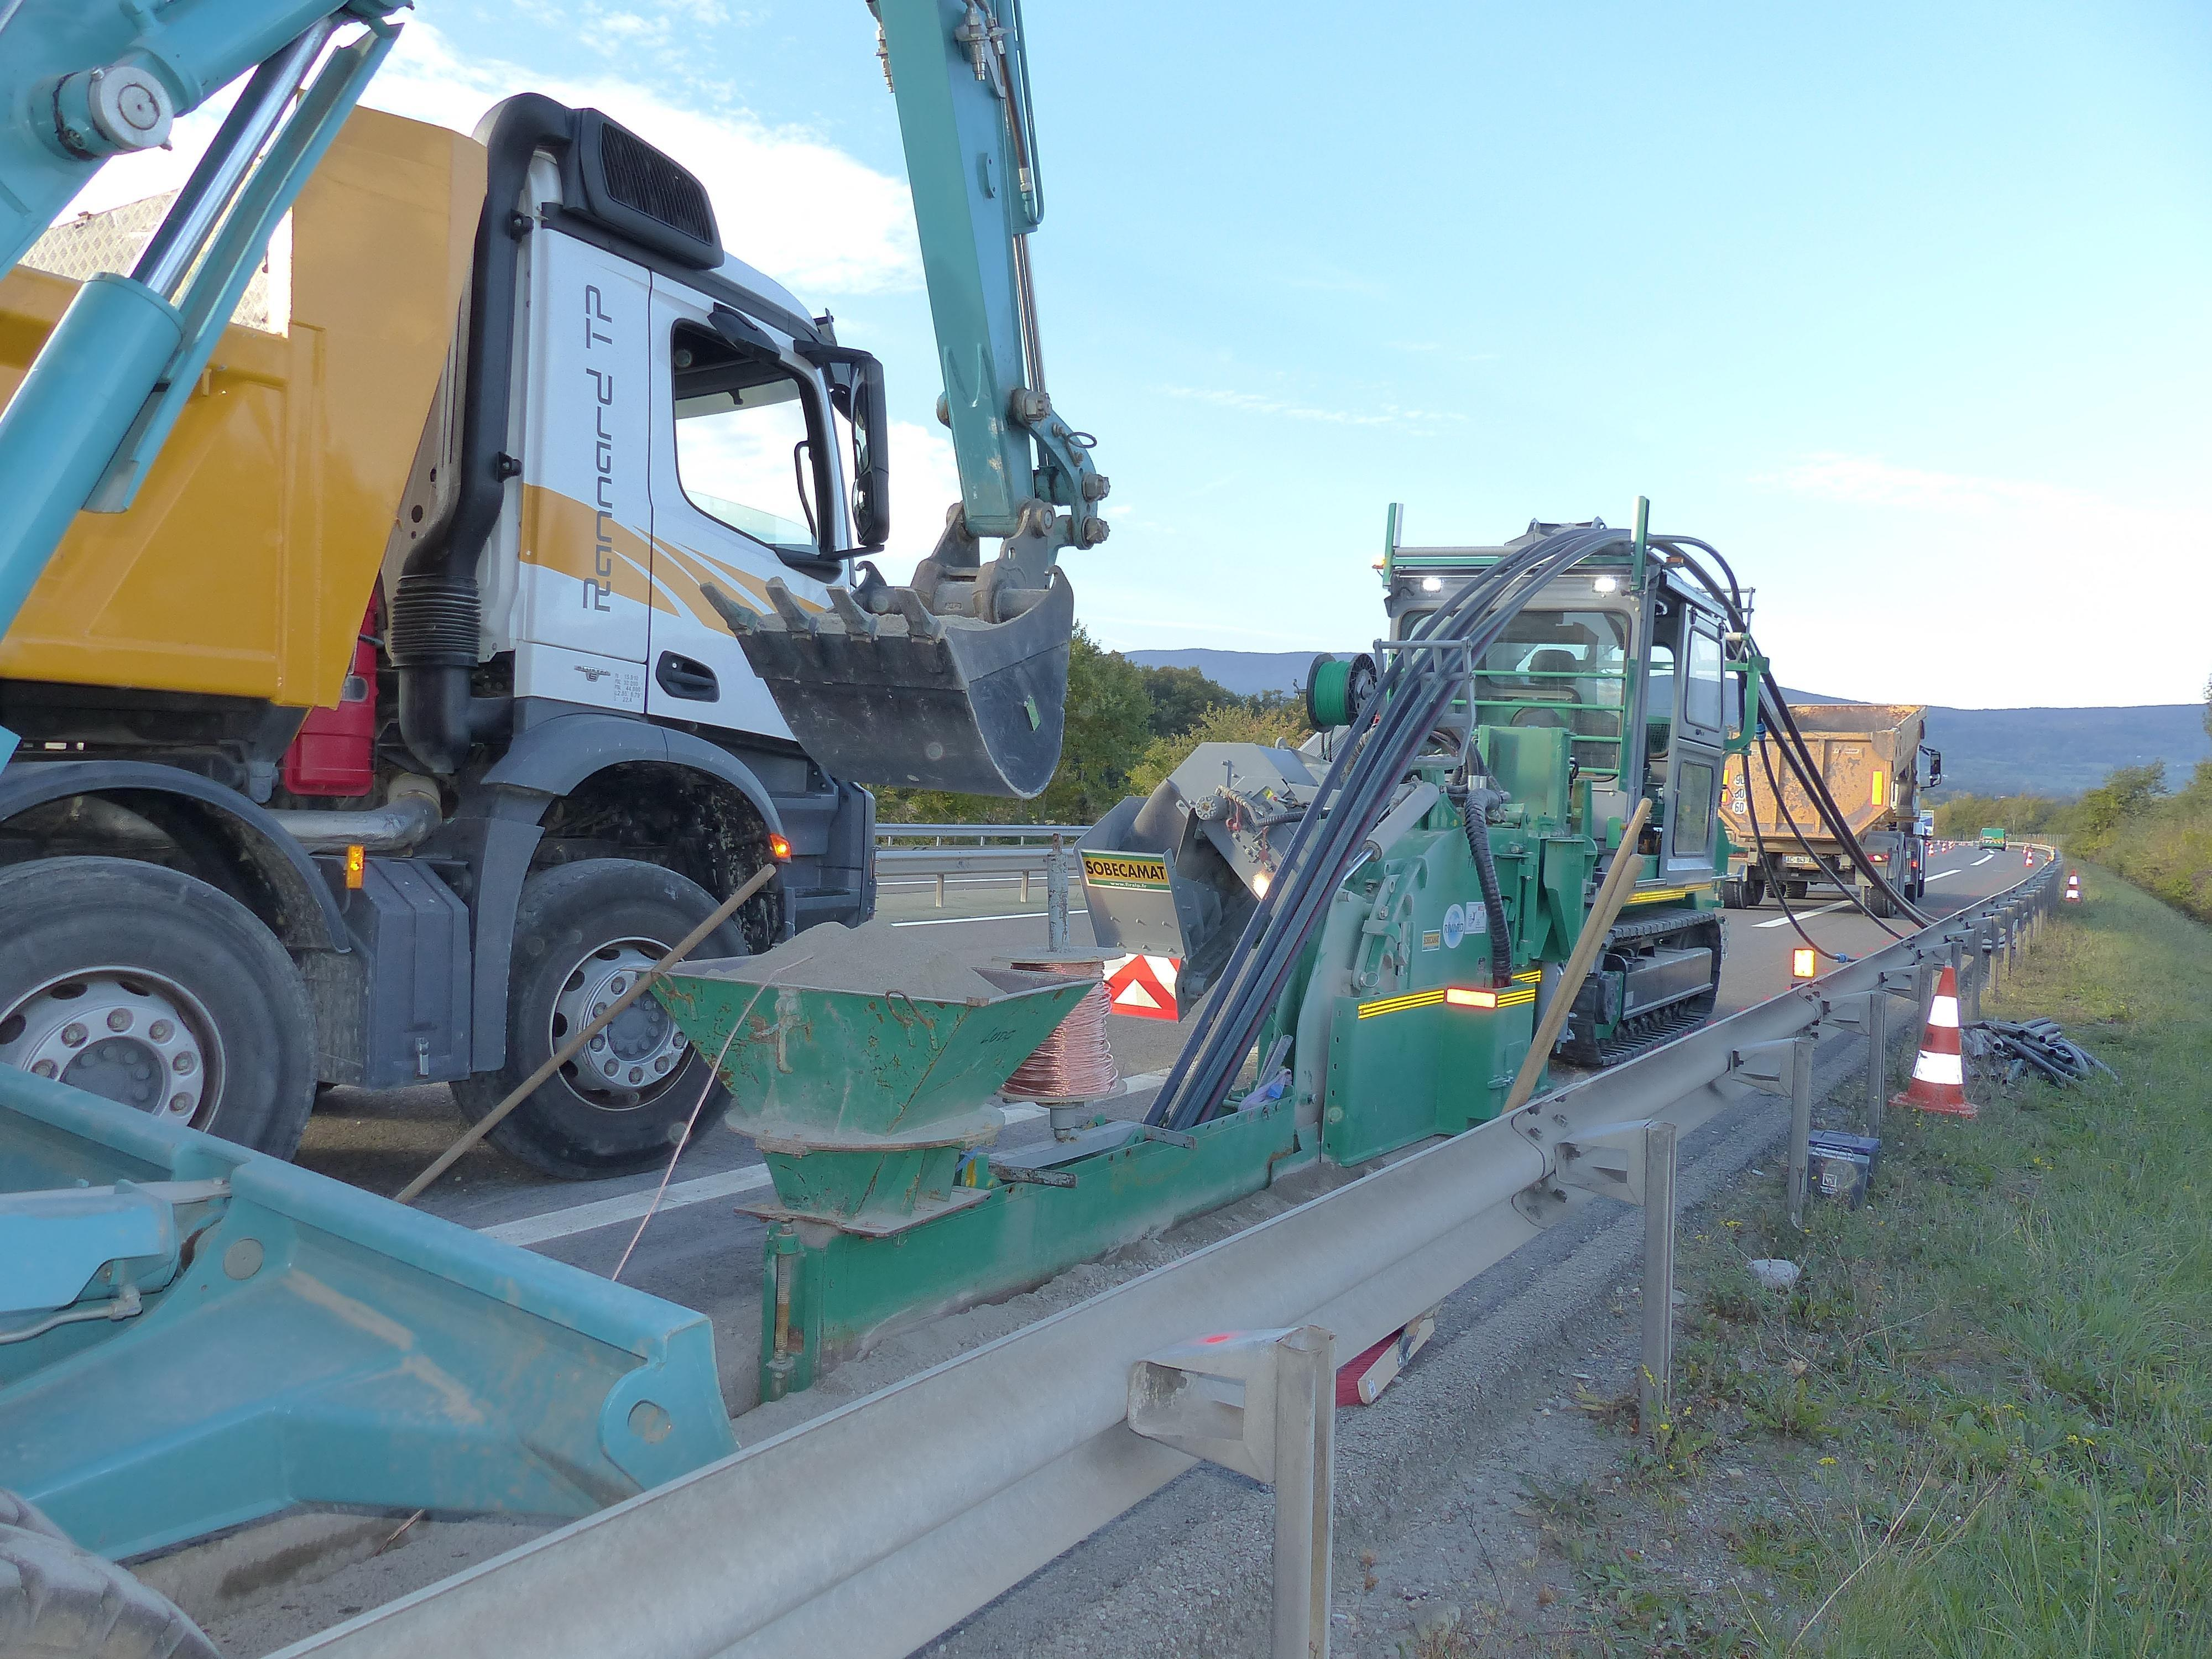 L'autoroute A40 impactée par des travaux à hauteur de Saint-Julien-en-Genevois